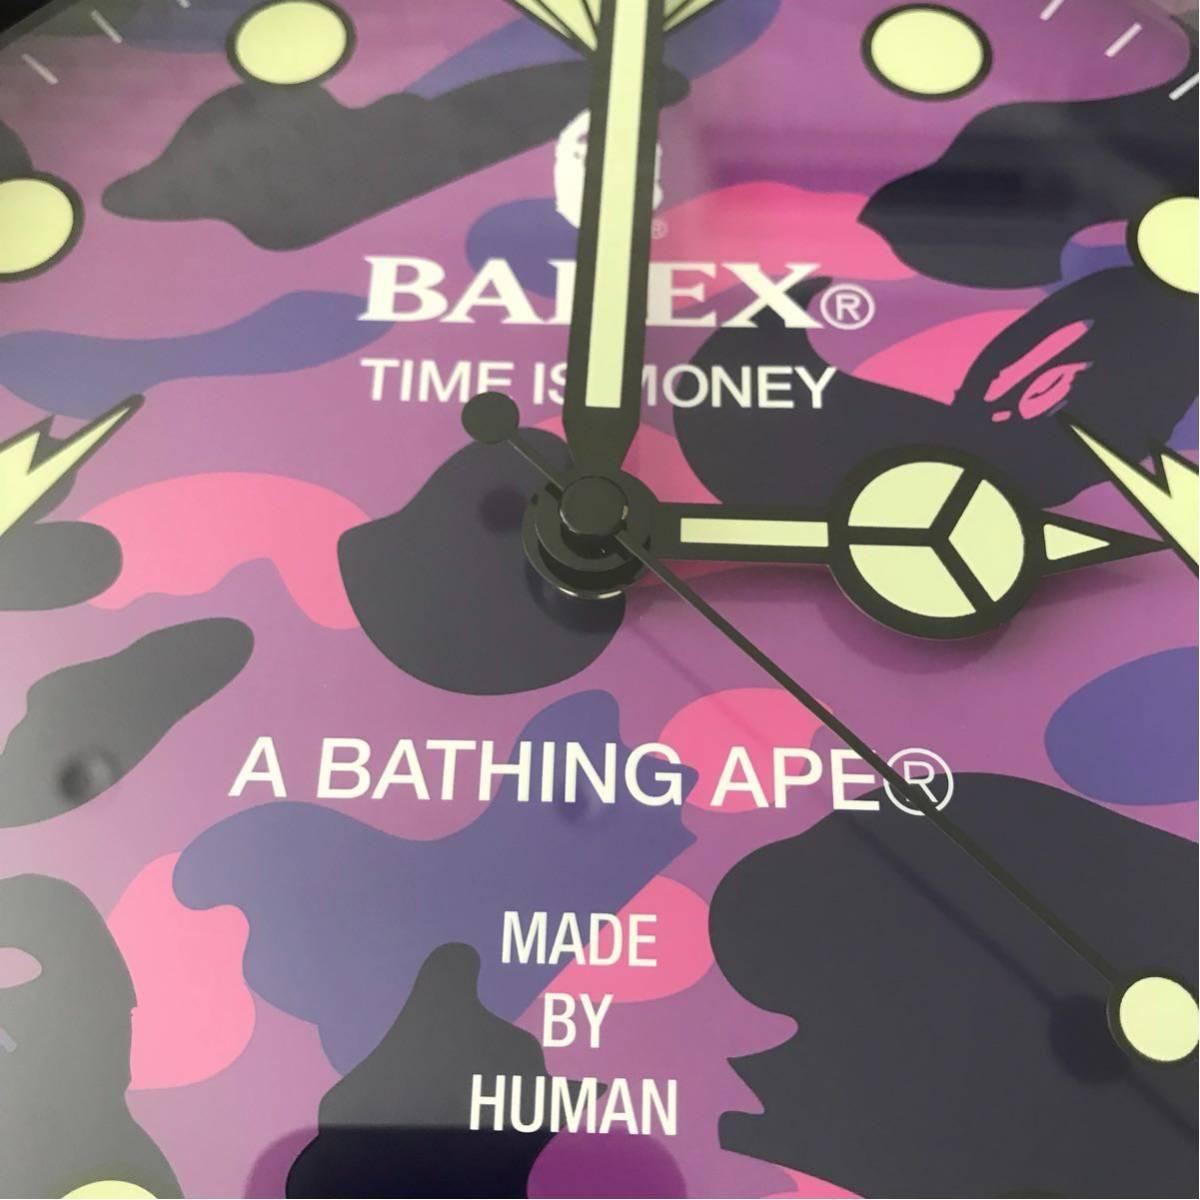 ★激レア★ BAPEX wall clock purple camo ウォール クロック 掛け時計 a bathing ape BAPE エイプ ベイプ 時計 color camo パープル 迷彩